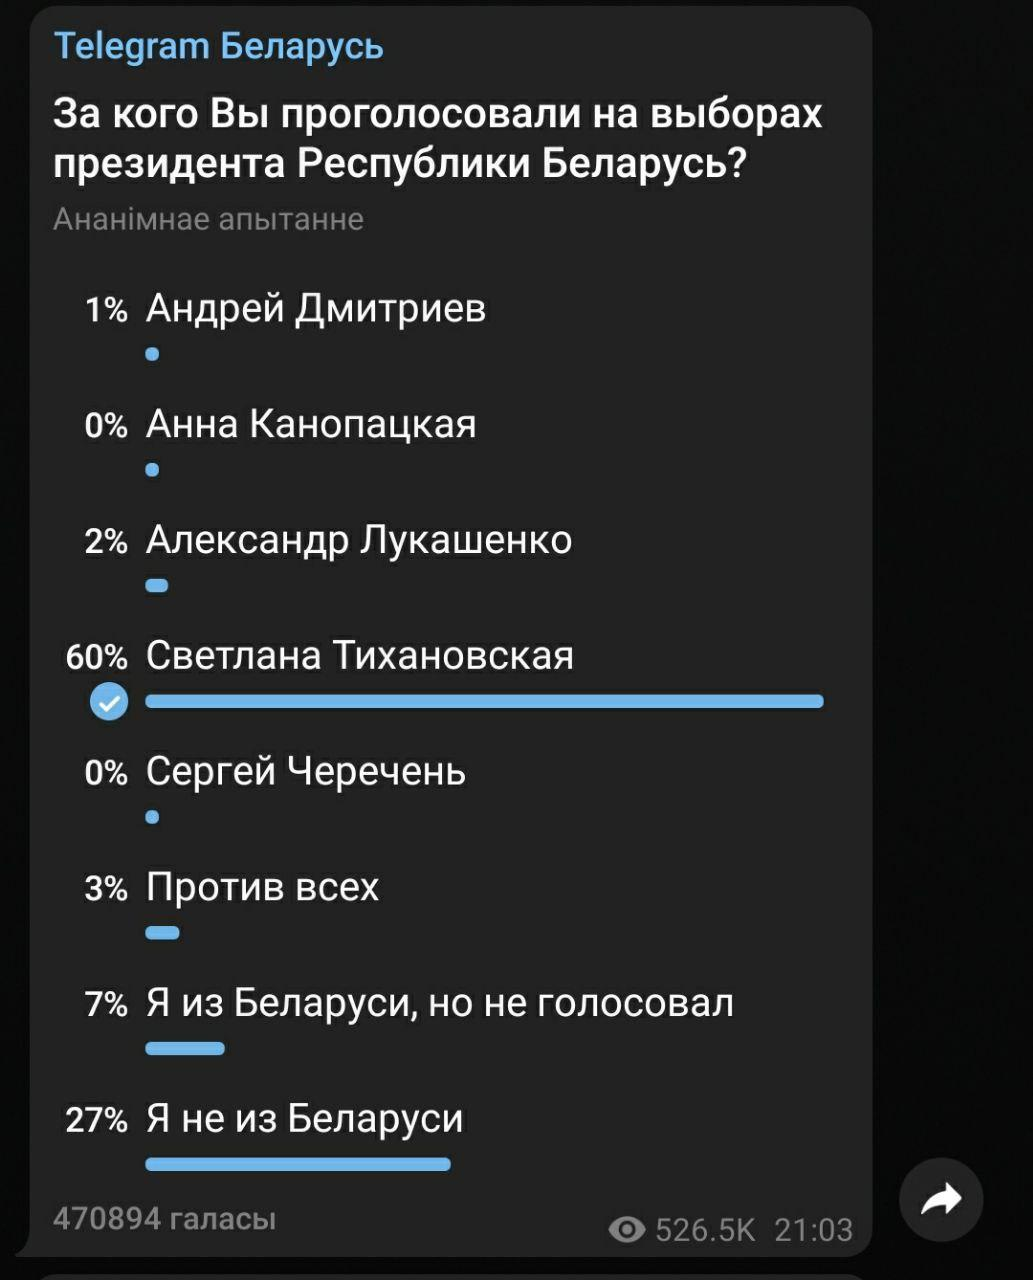 Telegram предлагает белорусам сказать, за кого они голосовали на выборах